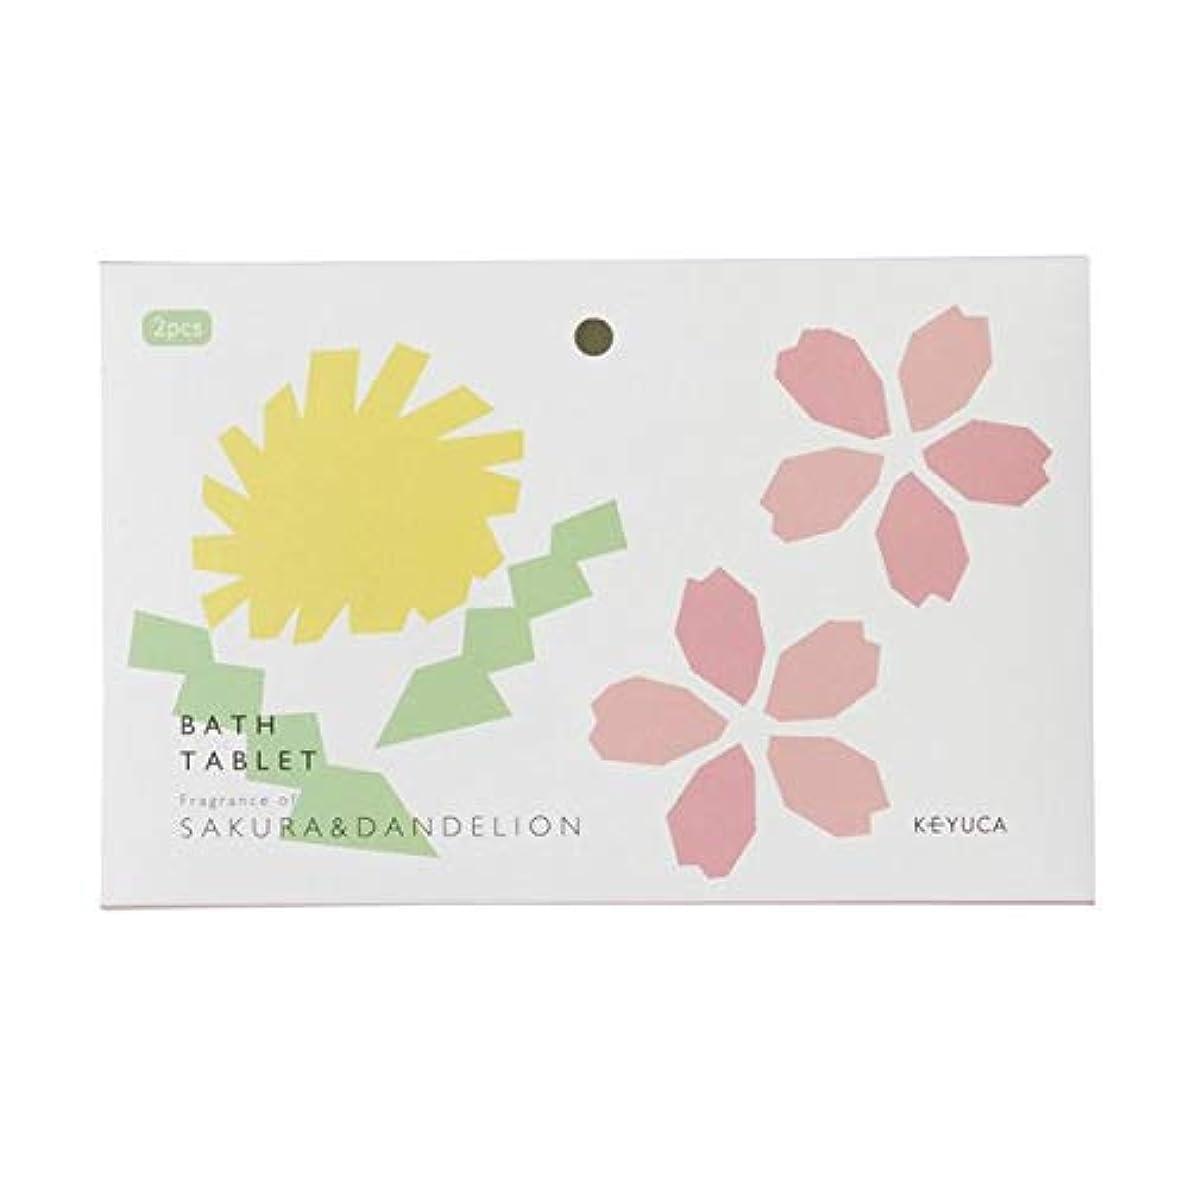 負担ベースヘルパーKEYUCA(ケユカ) バスタブレット サクラ&タンポポ